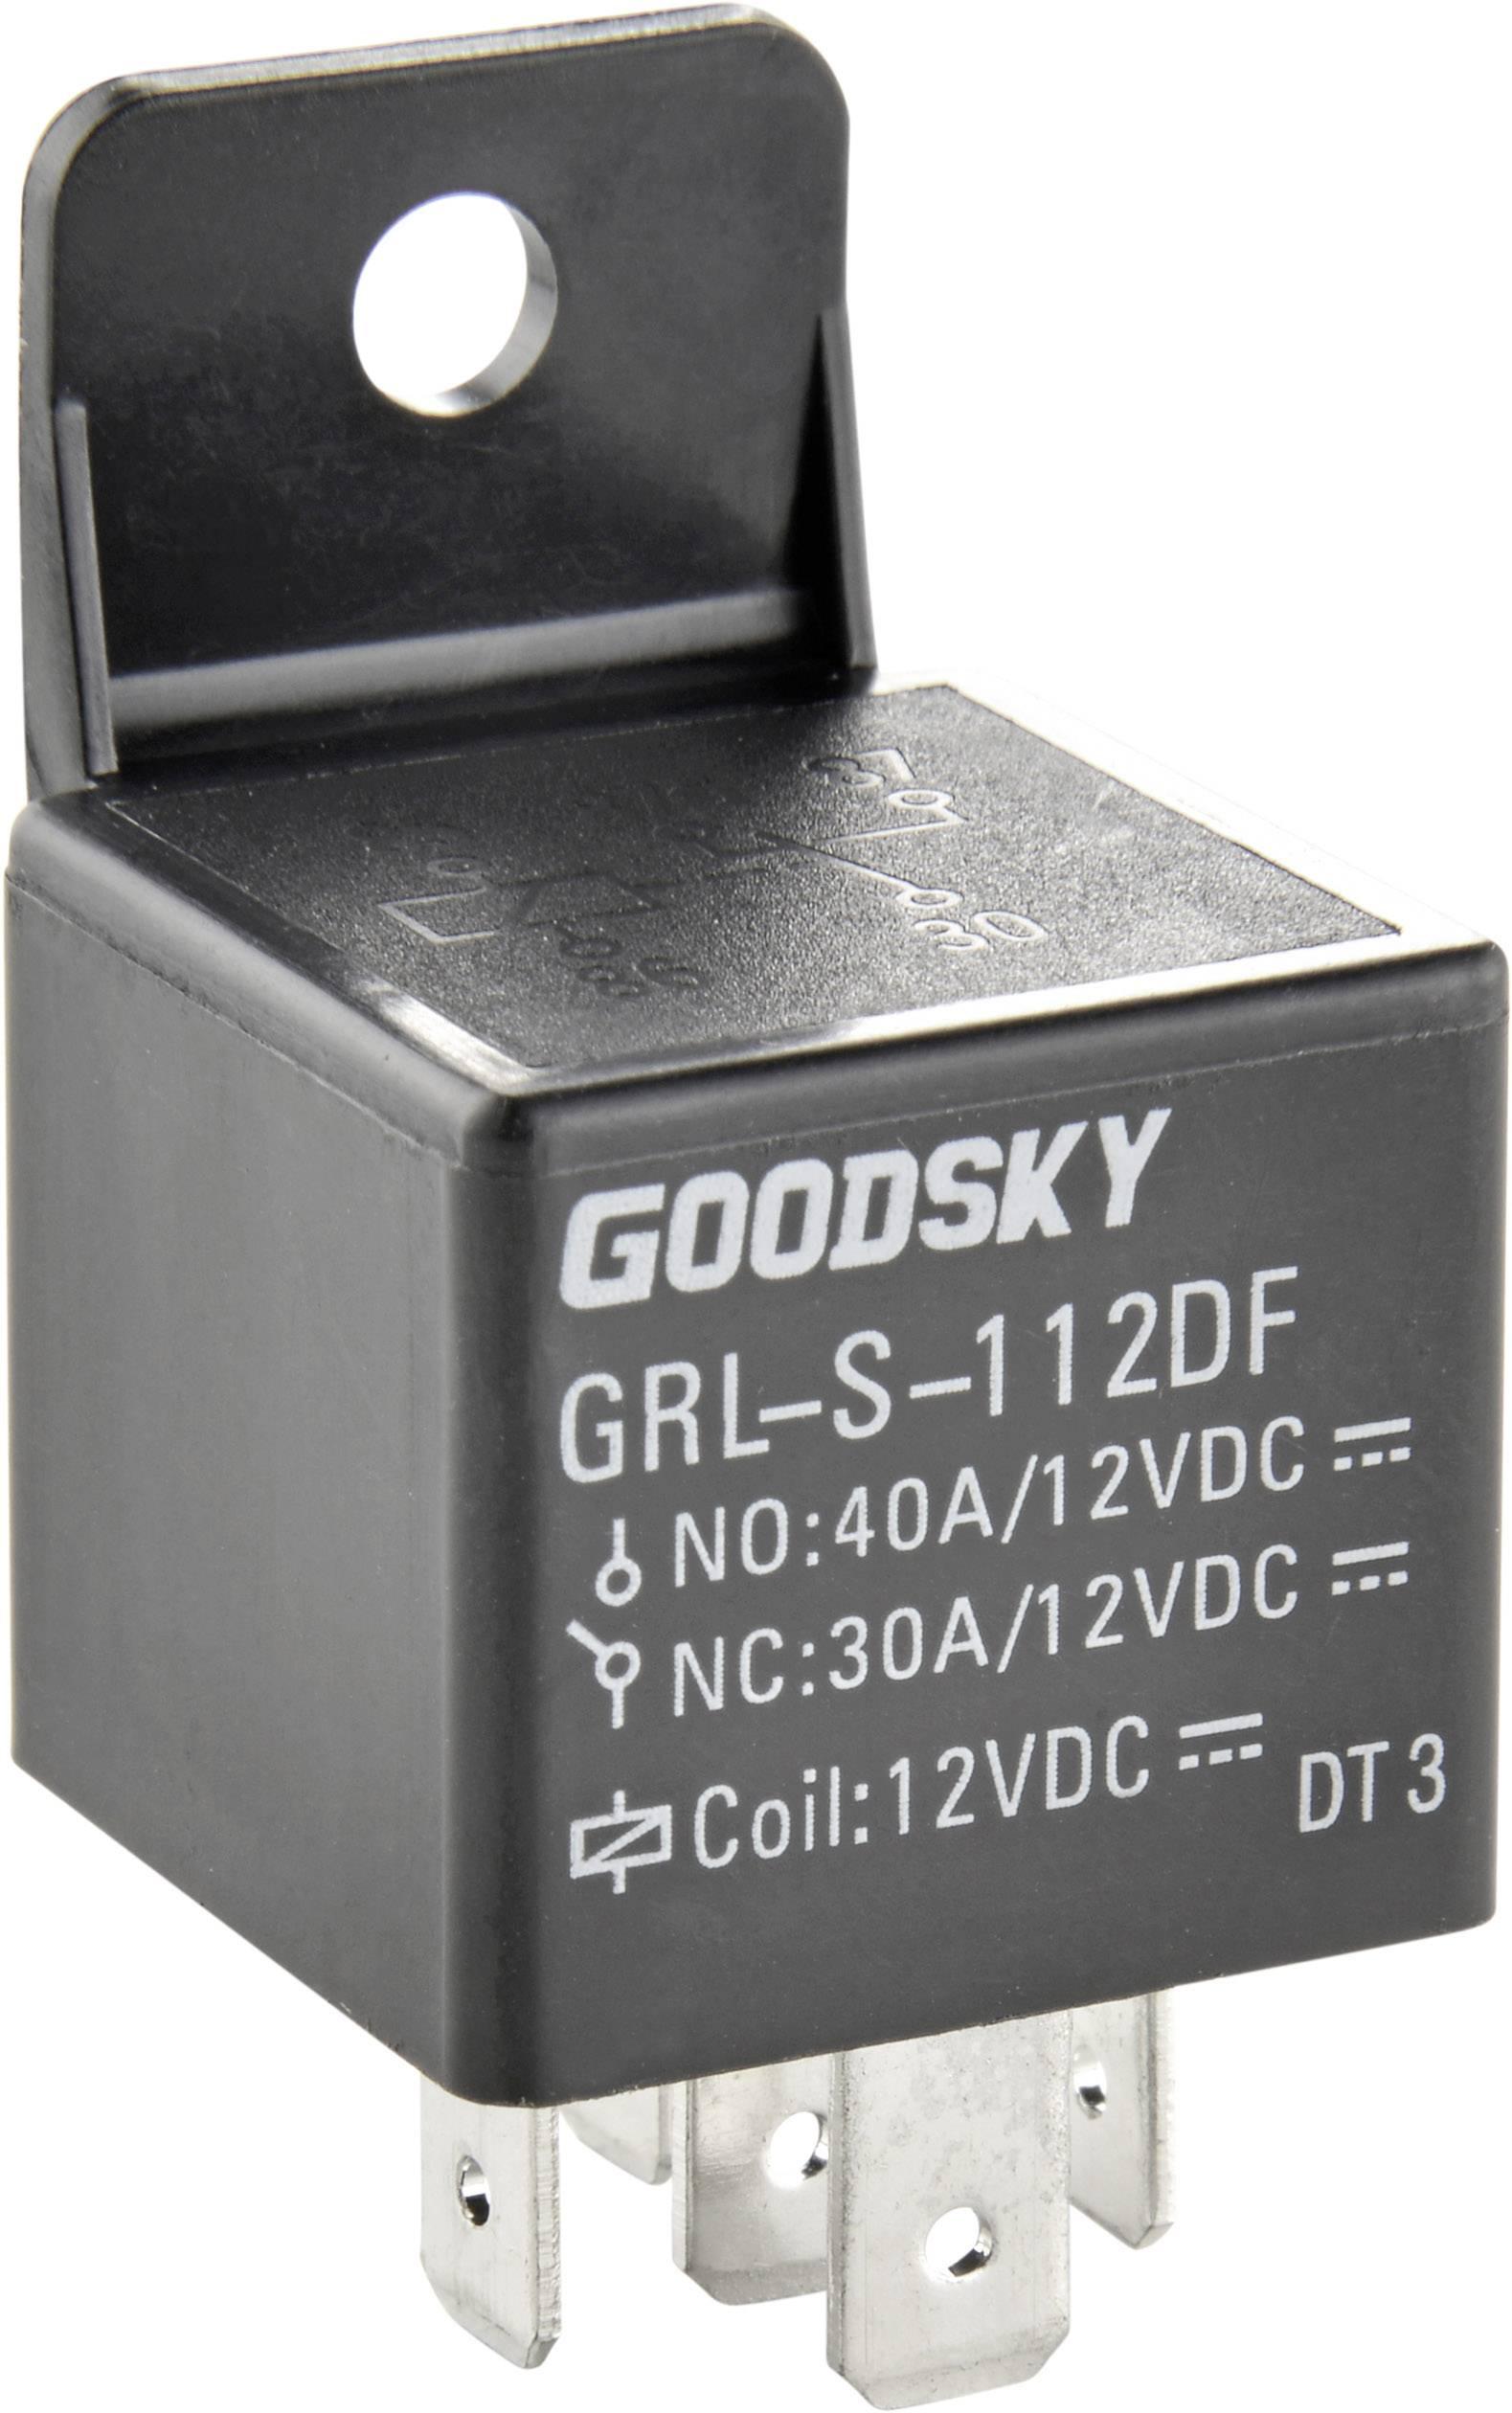 Automobilové relé Goodsky GRL-S-124DF, 24 V, 75 mA, 1x přepínací kontakt s LED